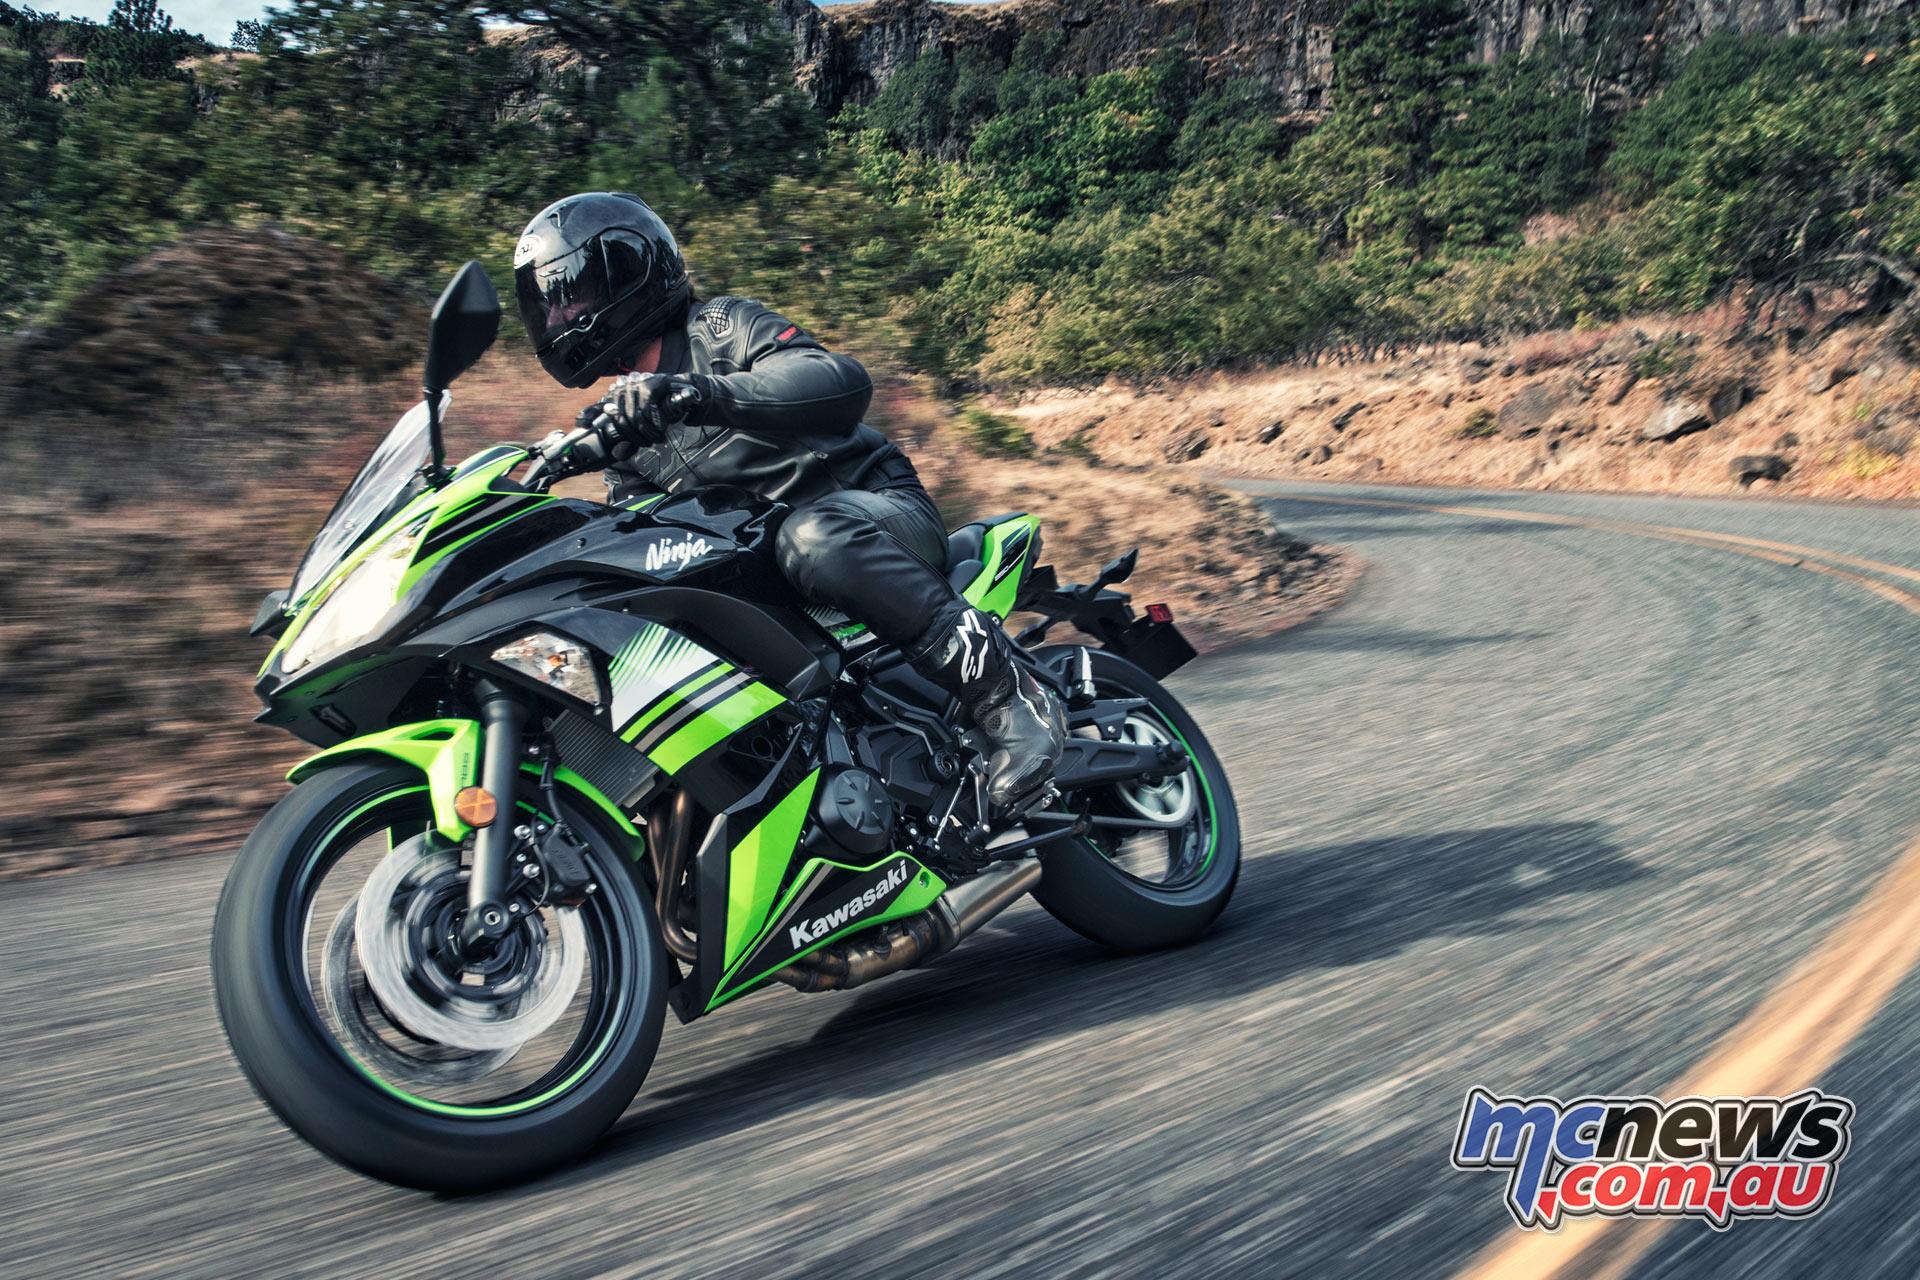 Kawasakis New For 2017 Ninja 650